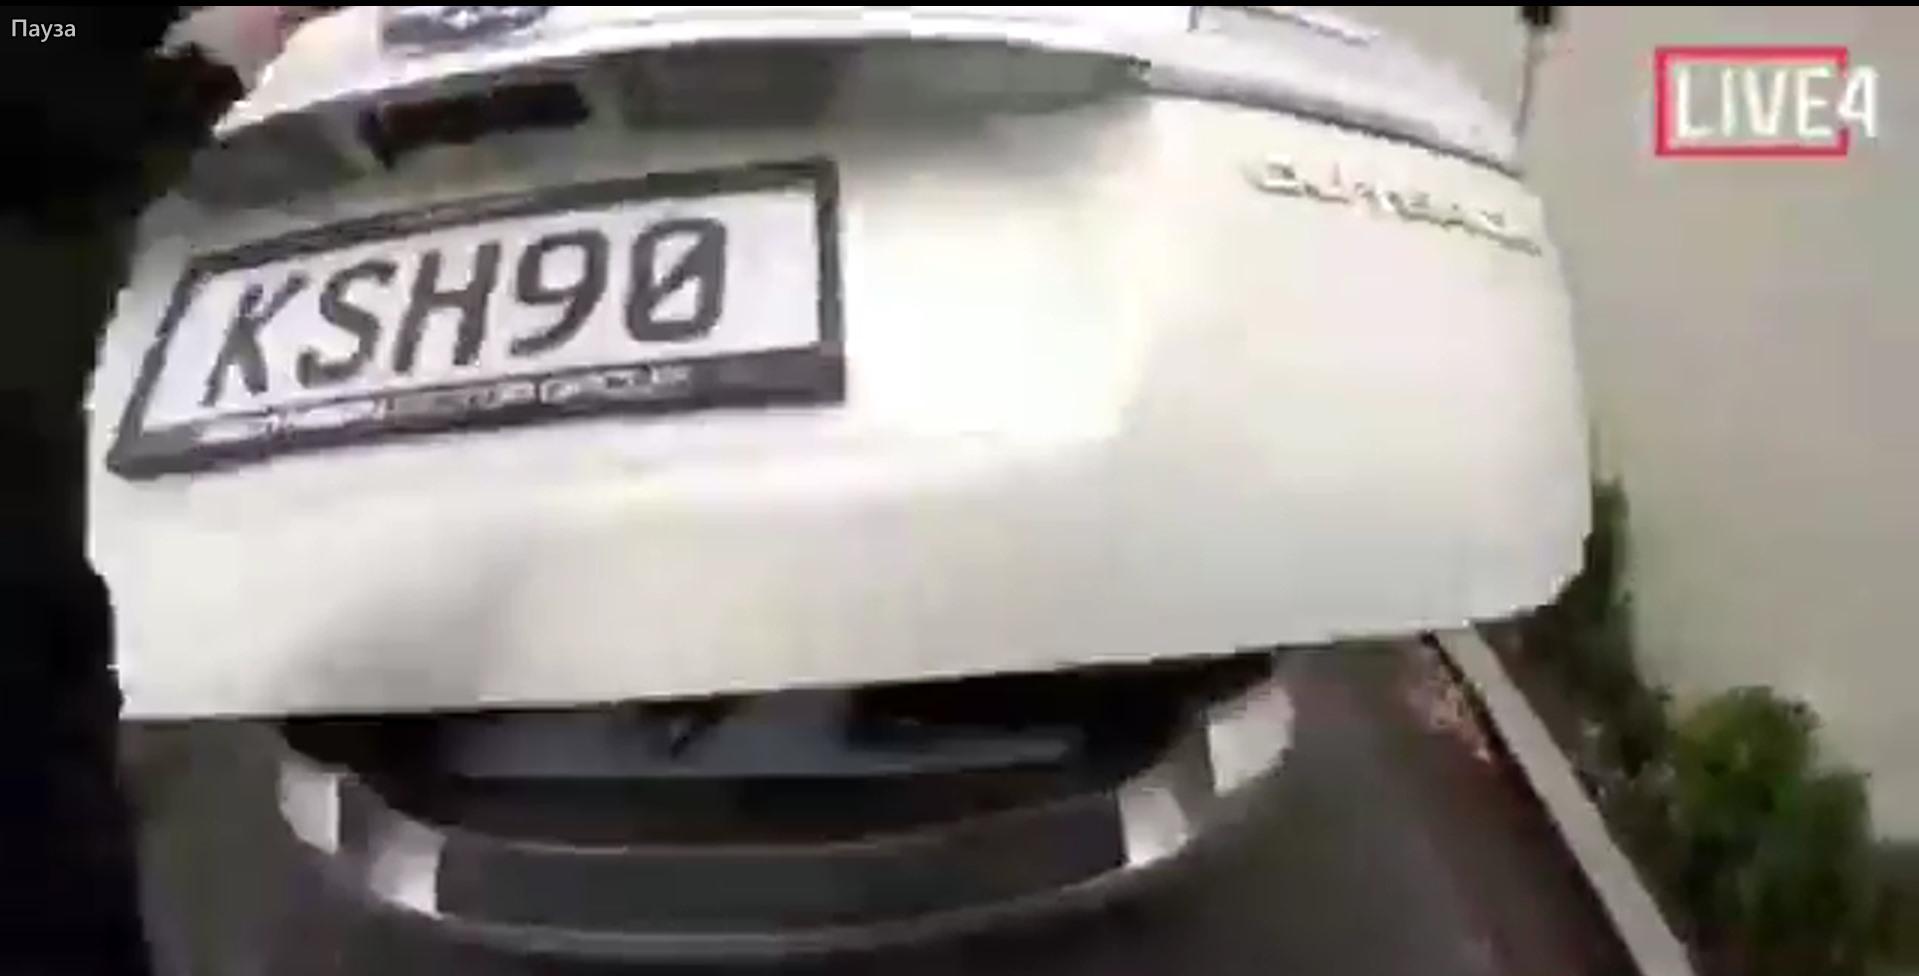 Брентон Таррант Image: Полное видео расстрела людей в Новой Зеландии ⋆ B I S O N